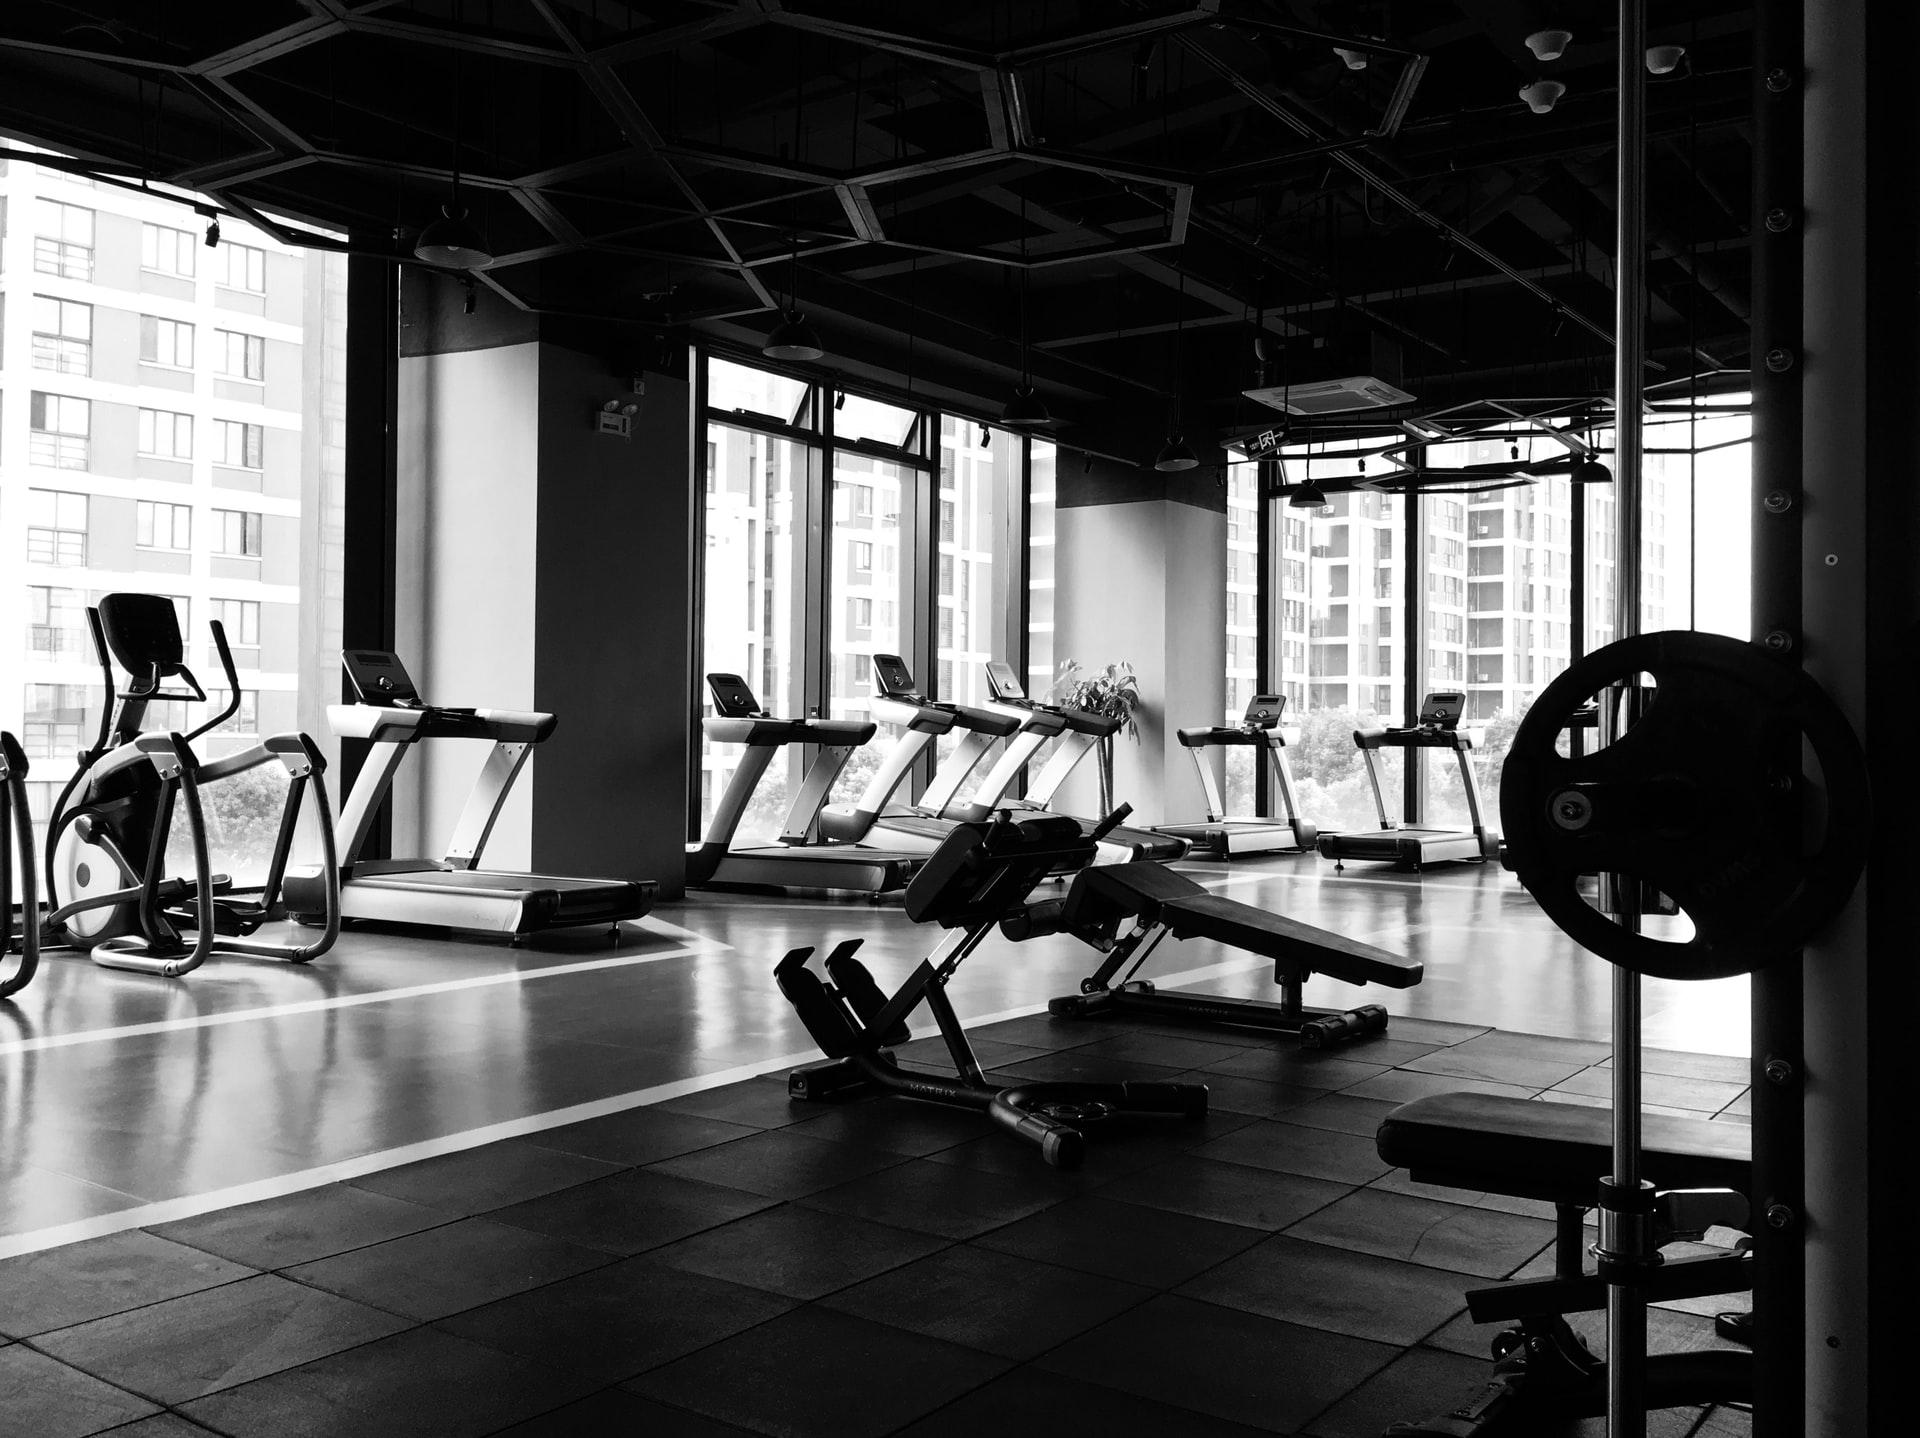 Sağlık İçin Spor Aleti Kullanımın Önemi